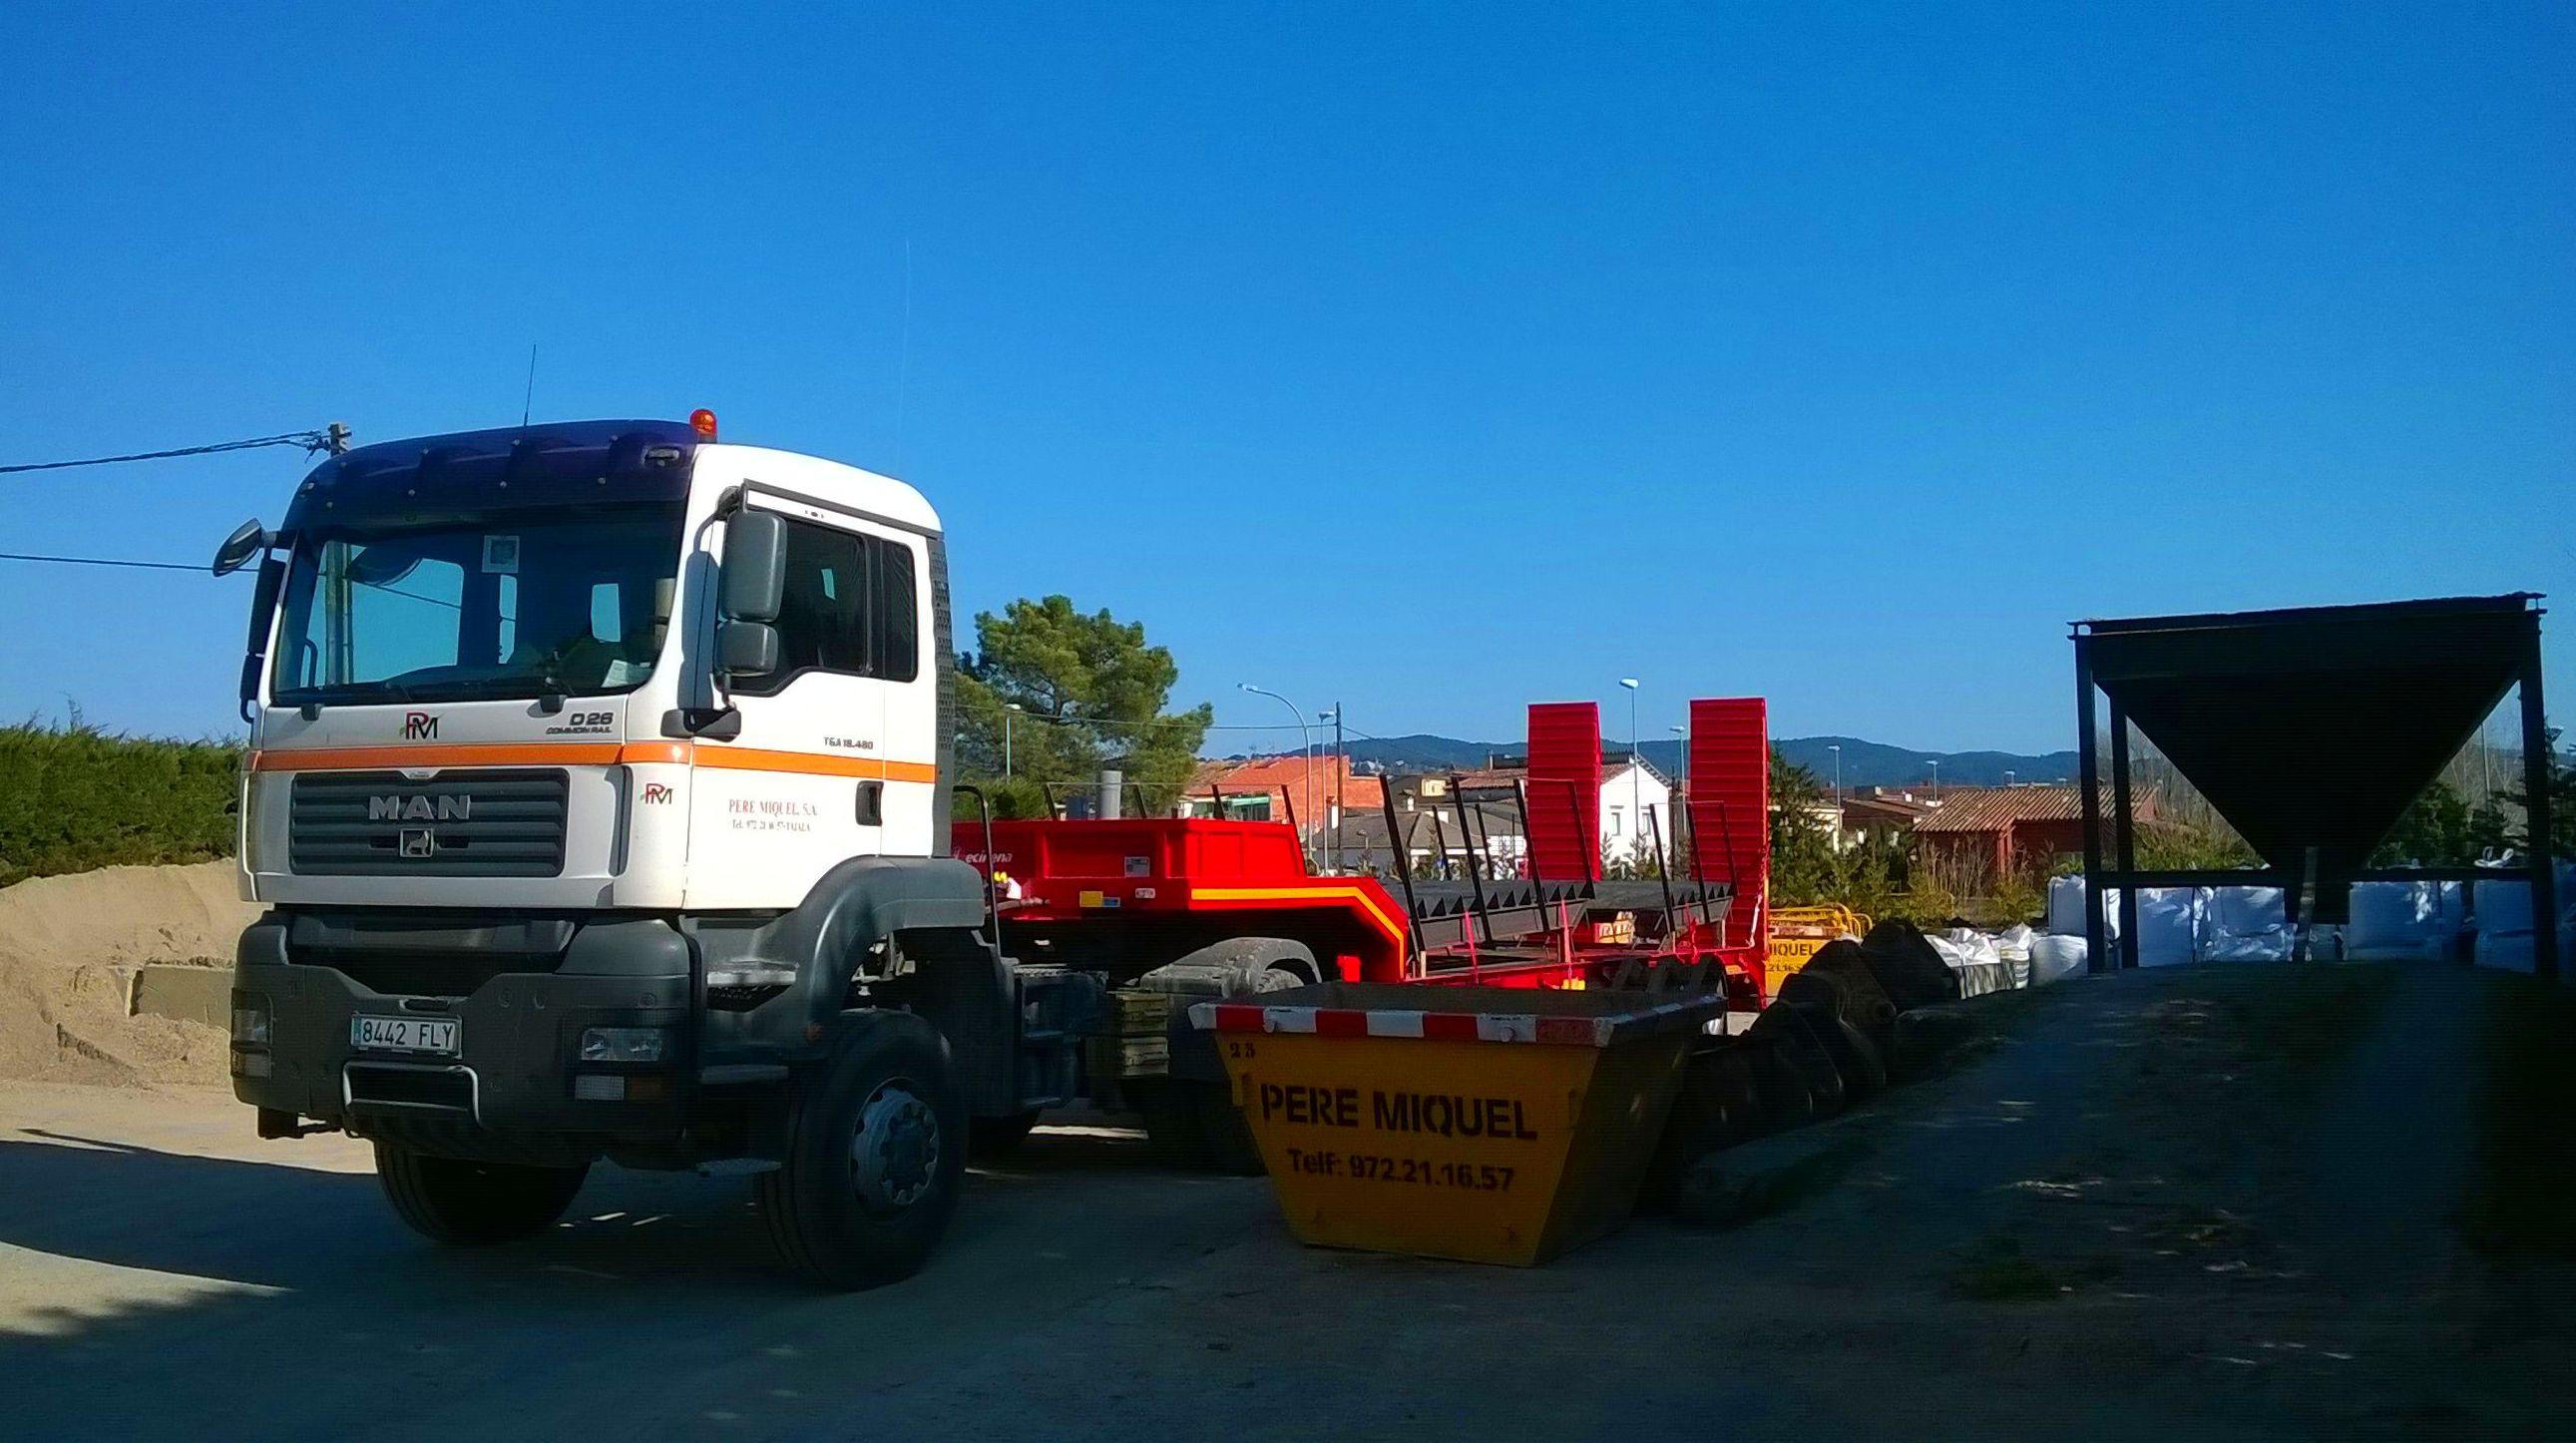 Foto 7 de Construcción en Girona | CONSTRUCCIONS PERE MIQUEL, S.A.